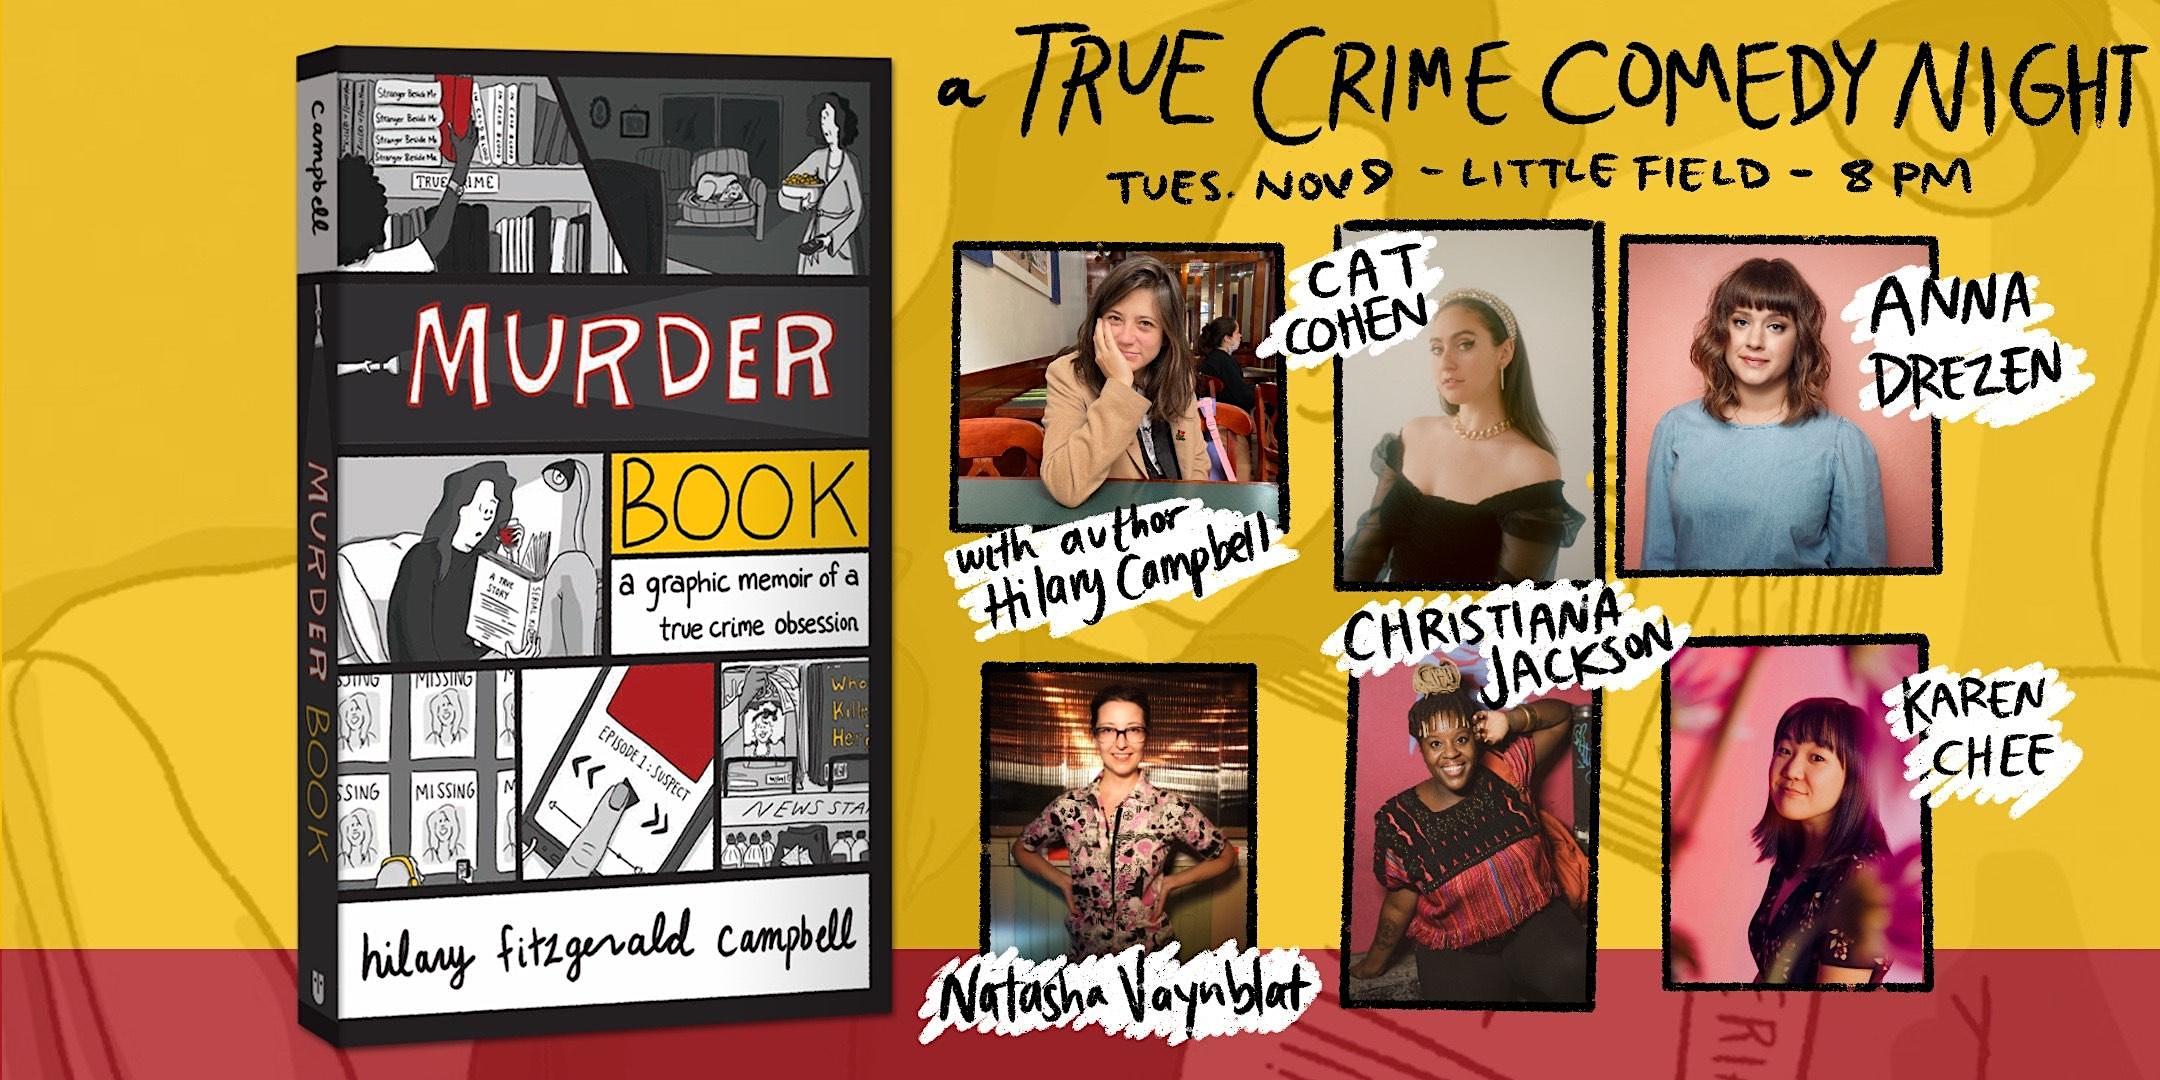 Murder Book: A True Crime Comedy Night